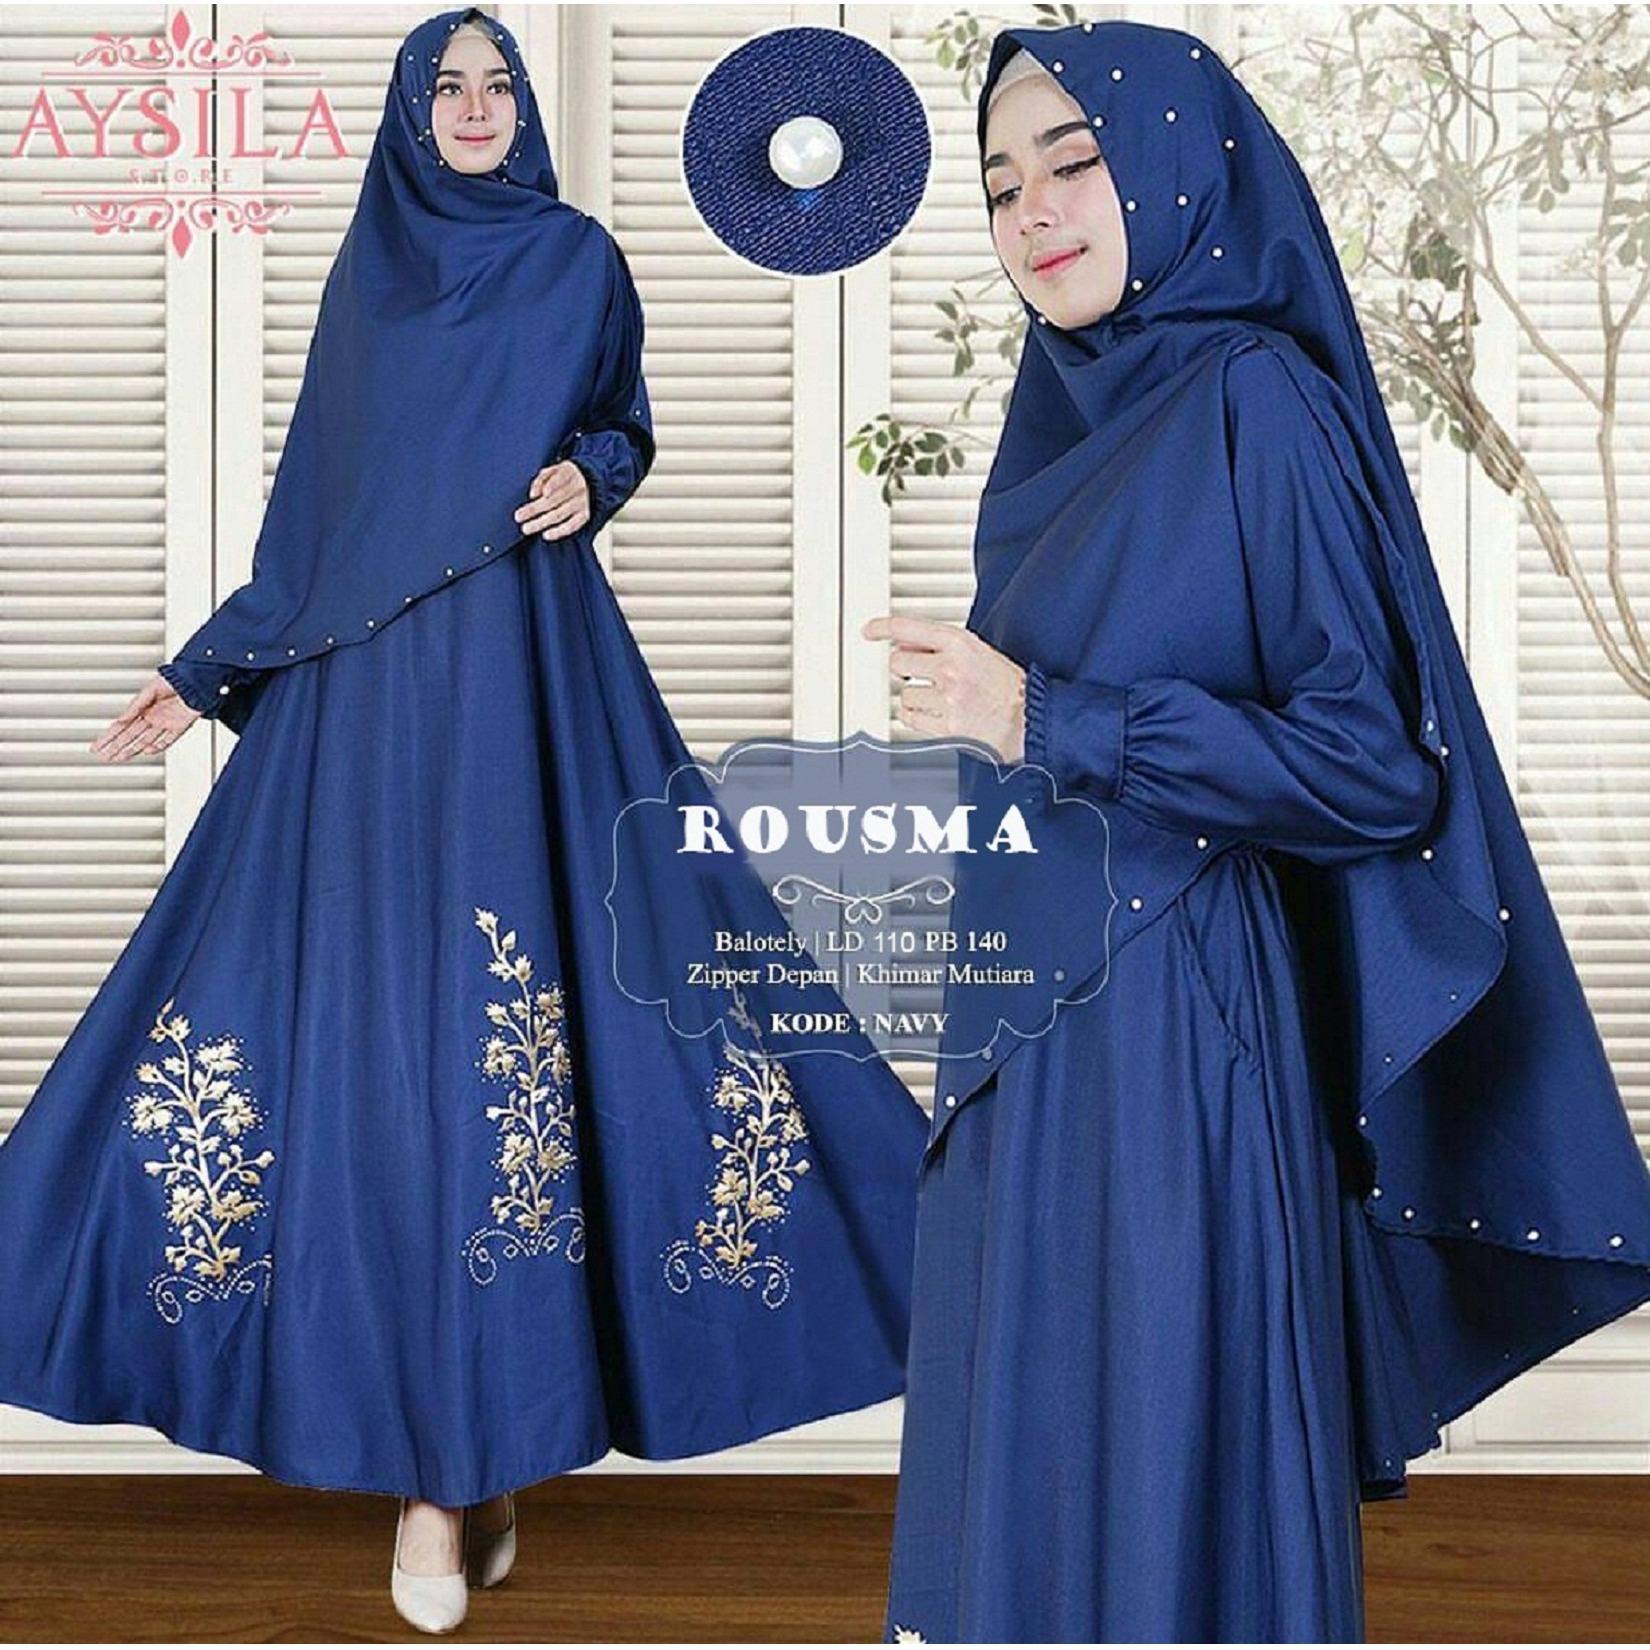 3784663be1e93744e17c51e5b3b8c65c Ulasan Harga Dress Muslim Facebook Paling Baru tahun ini